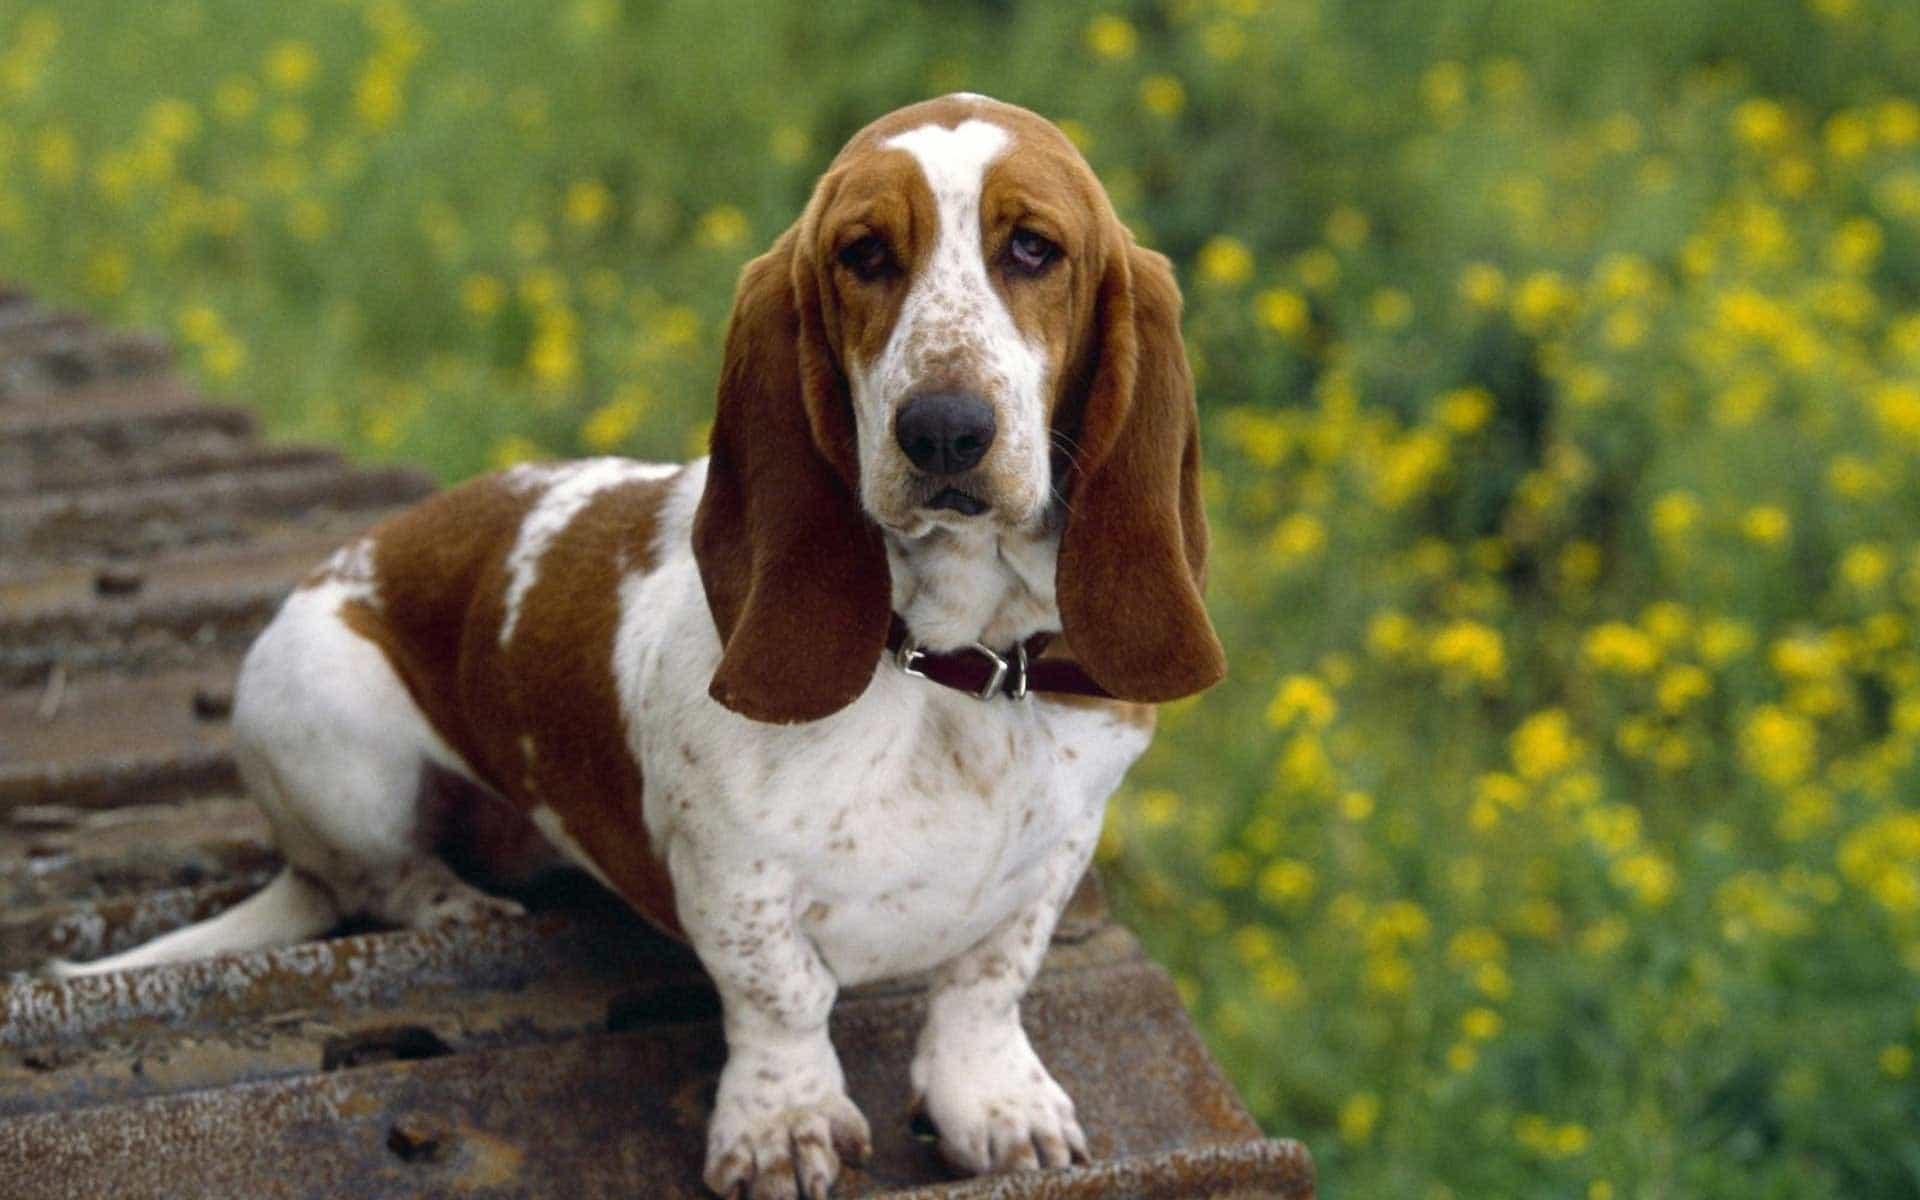 Chú chó lùn basset hound đứng trên tảng đá trên cánh đồng hoa